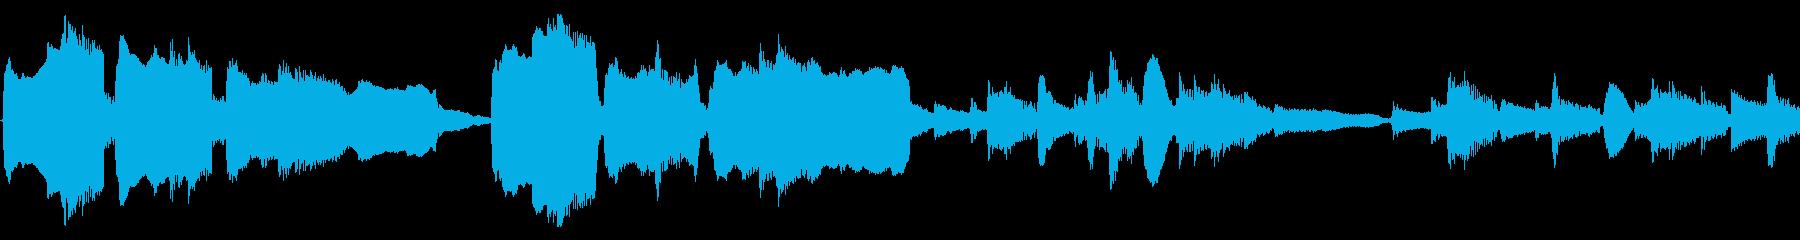 アコギとオカリナ生音ループ/ファンタジーの再生済みの波形